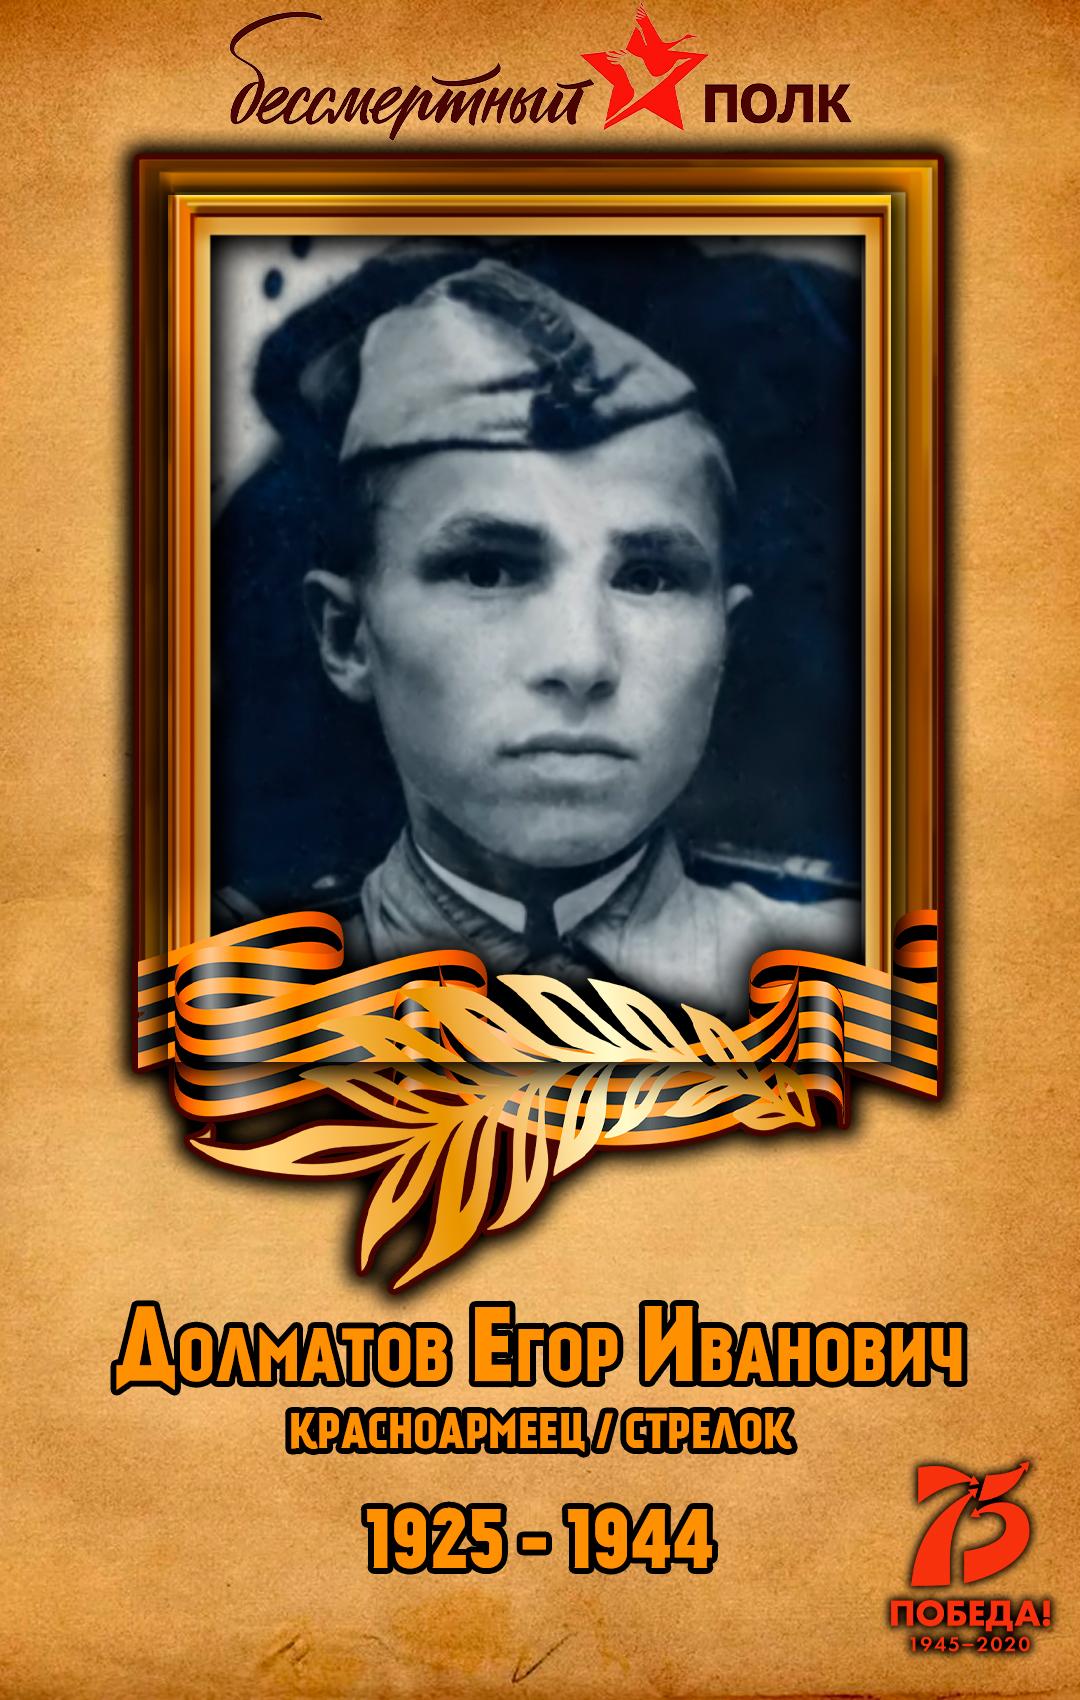 Долматов-Егор-Иванович